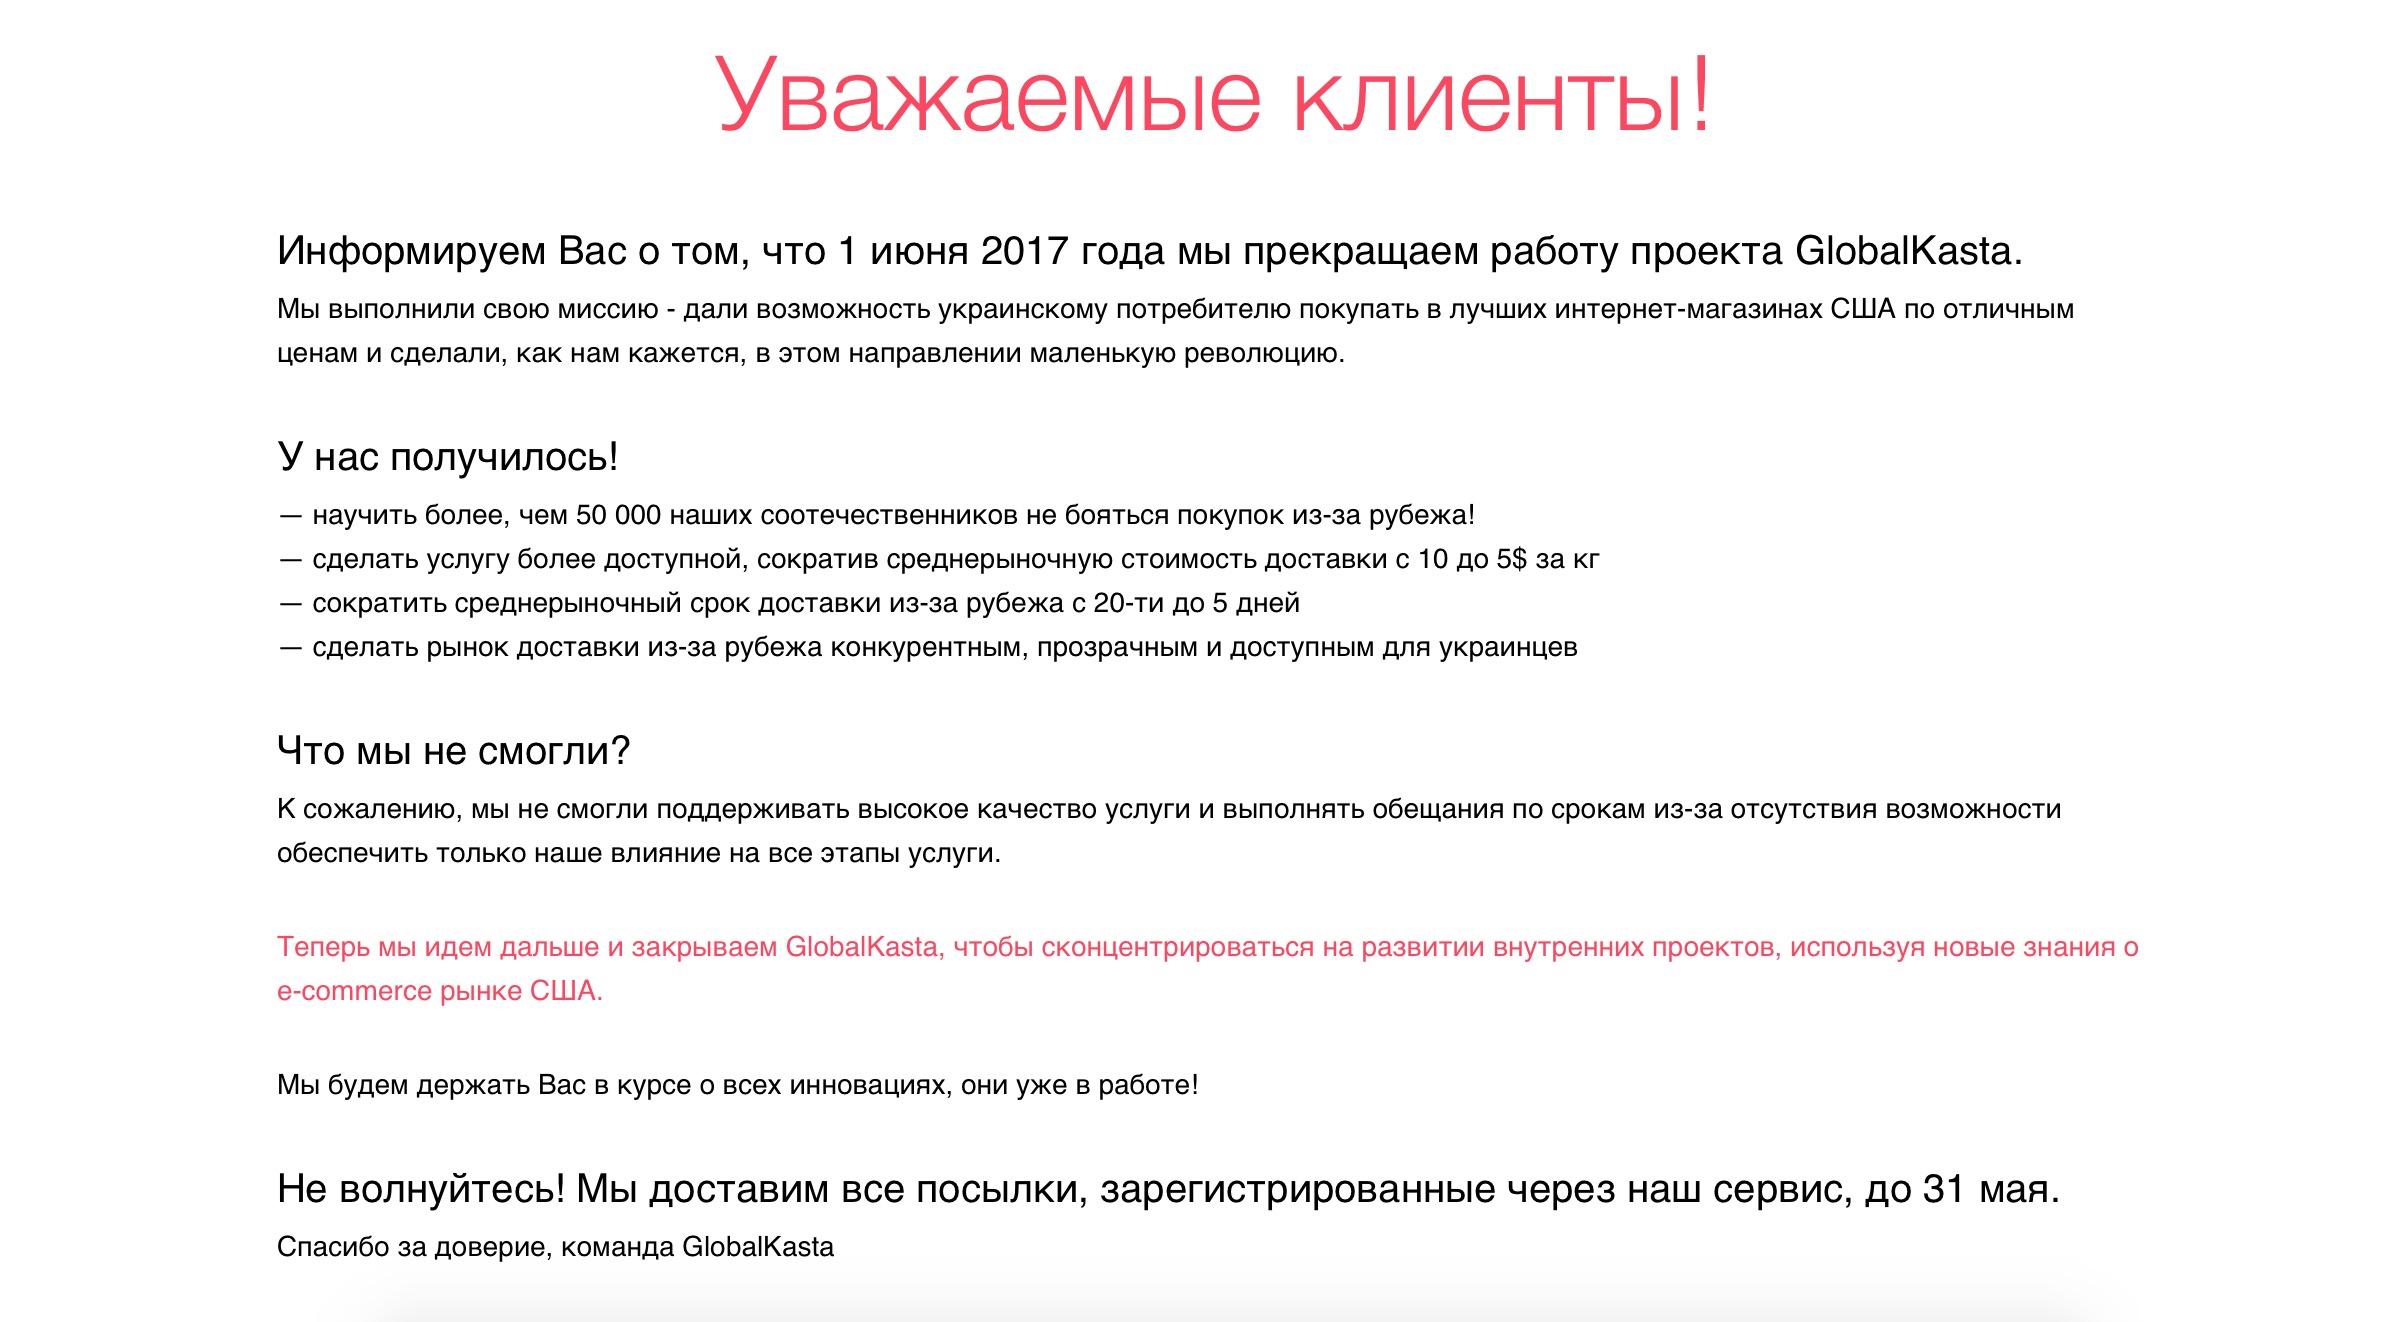 modnaKasta закрывает сервис доставки из США globalKasta